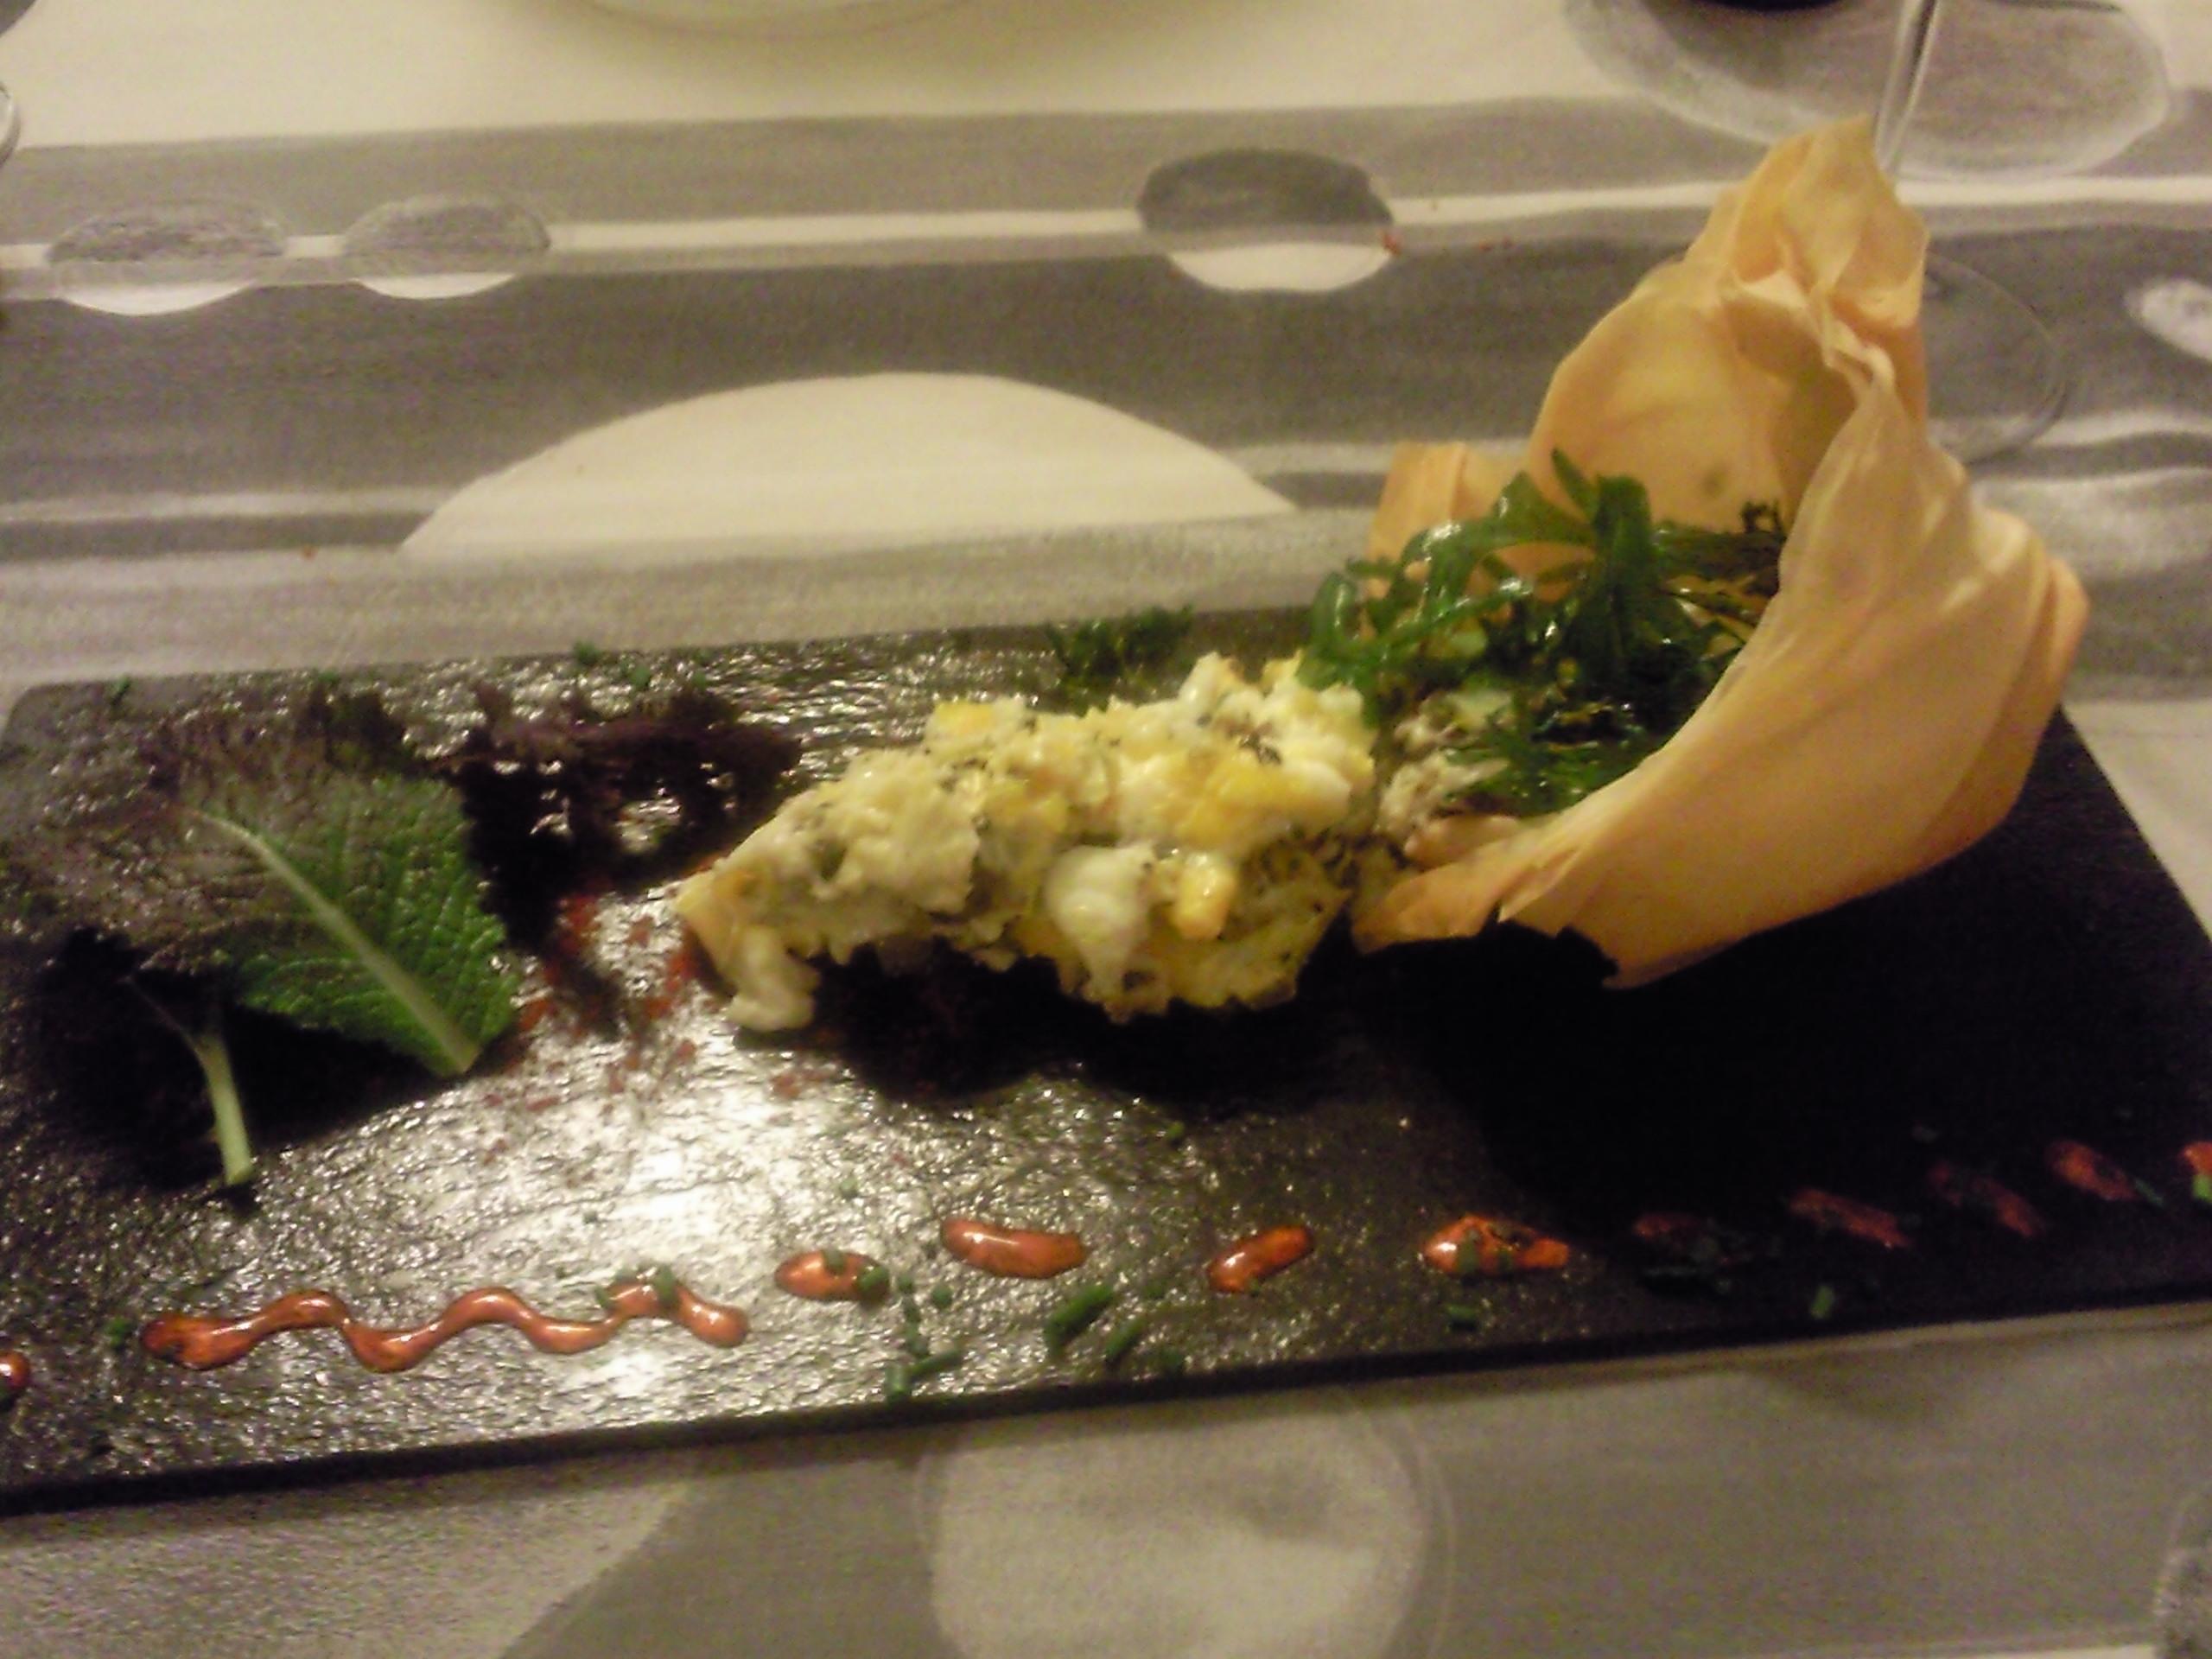 Restaurante Malkebien Revuelto de amanita cesárea y trompetilla  e hinojos, sobre nido de pasta Philo